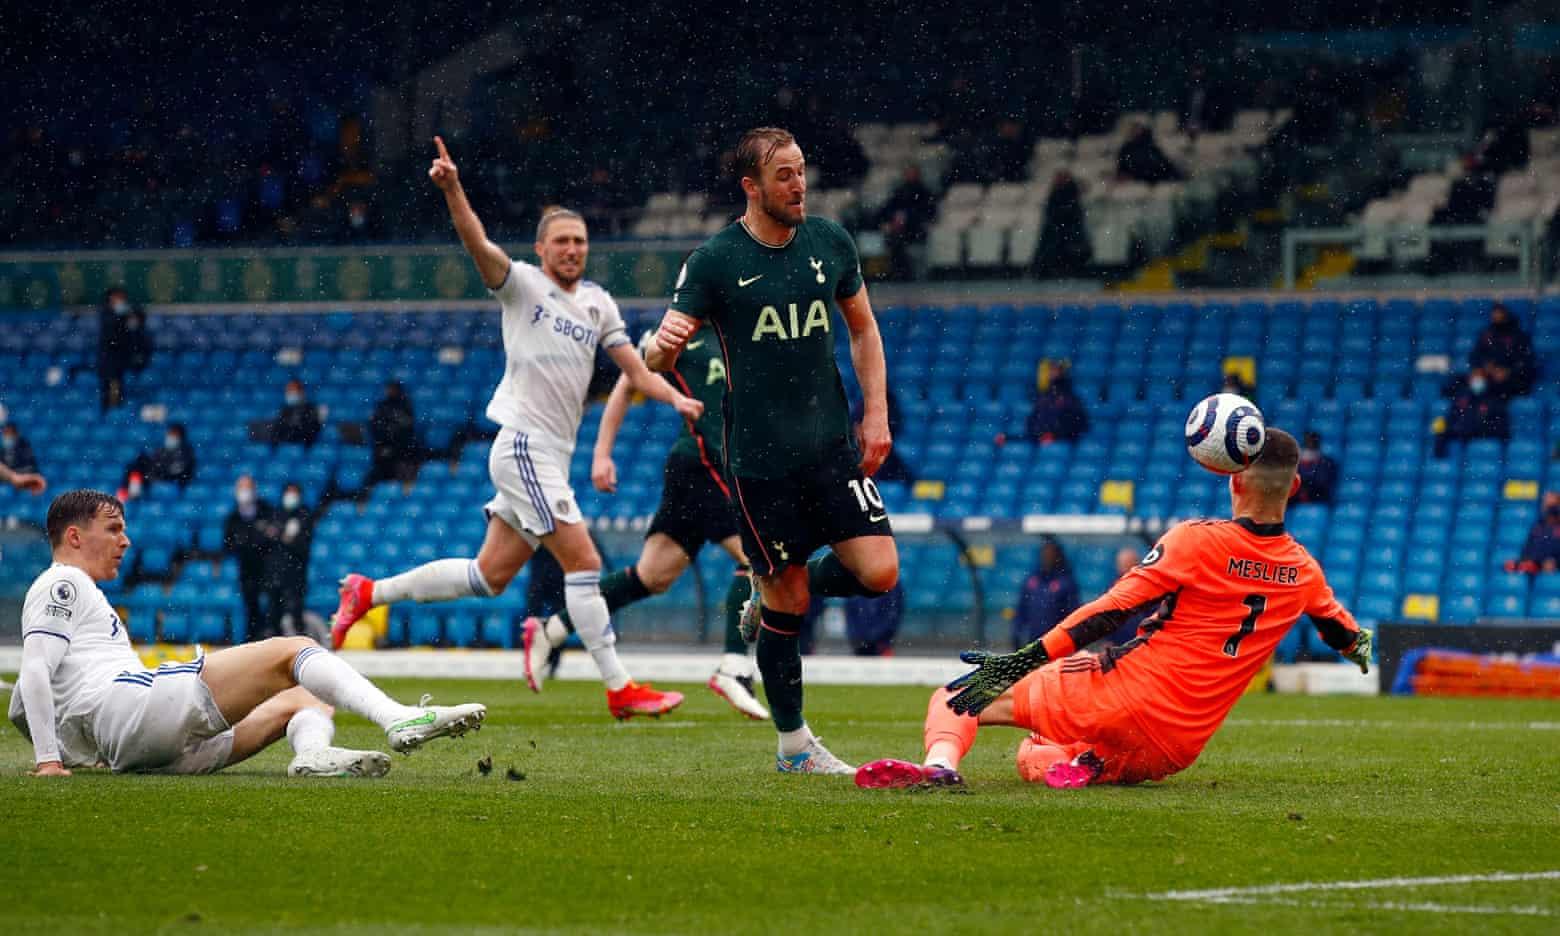 Kane đưa bóng vào lưới Leeds trong tình huống này, nhưng không được công nhận bàn thắng vì lỗi việt vị. Ảnh: PA